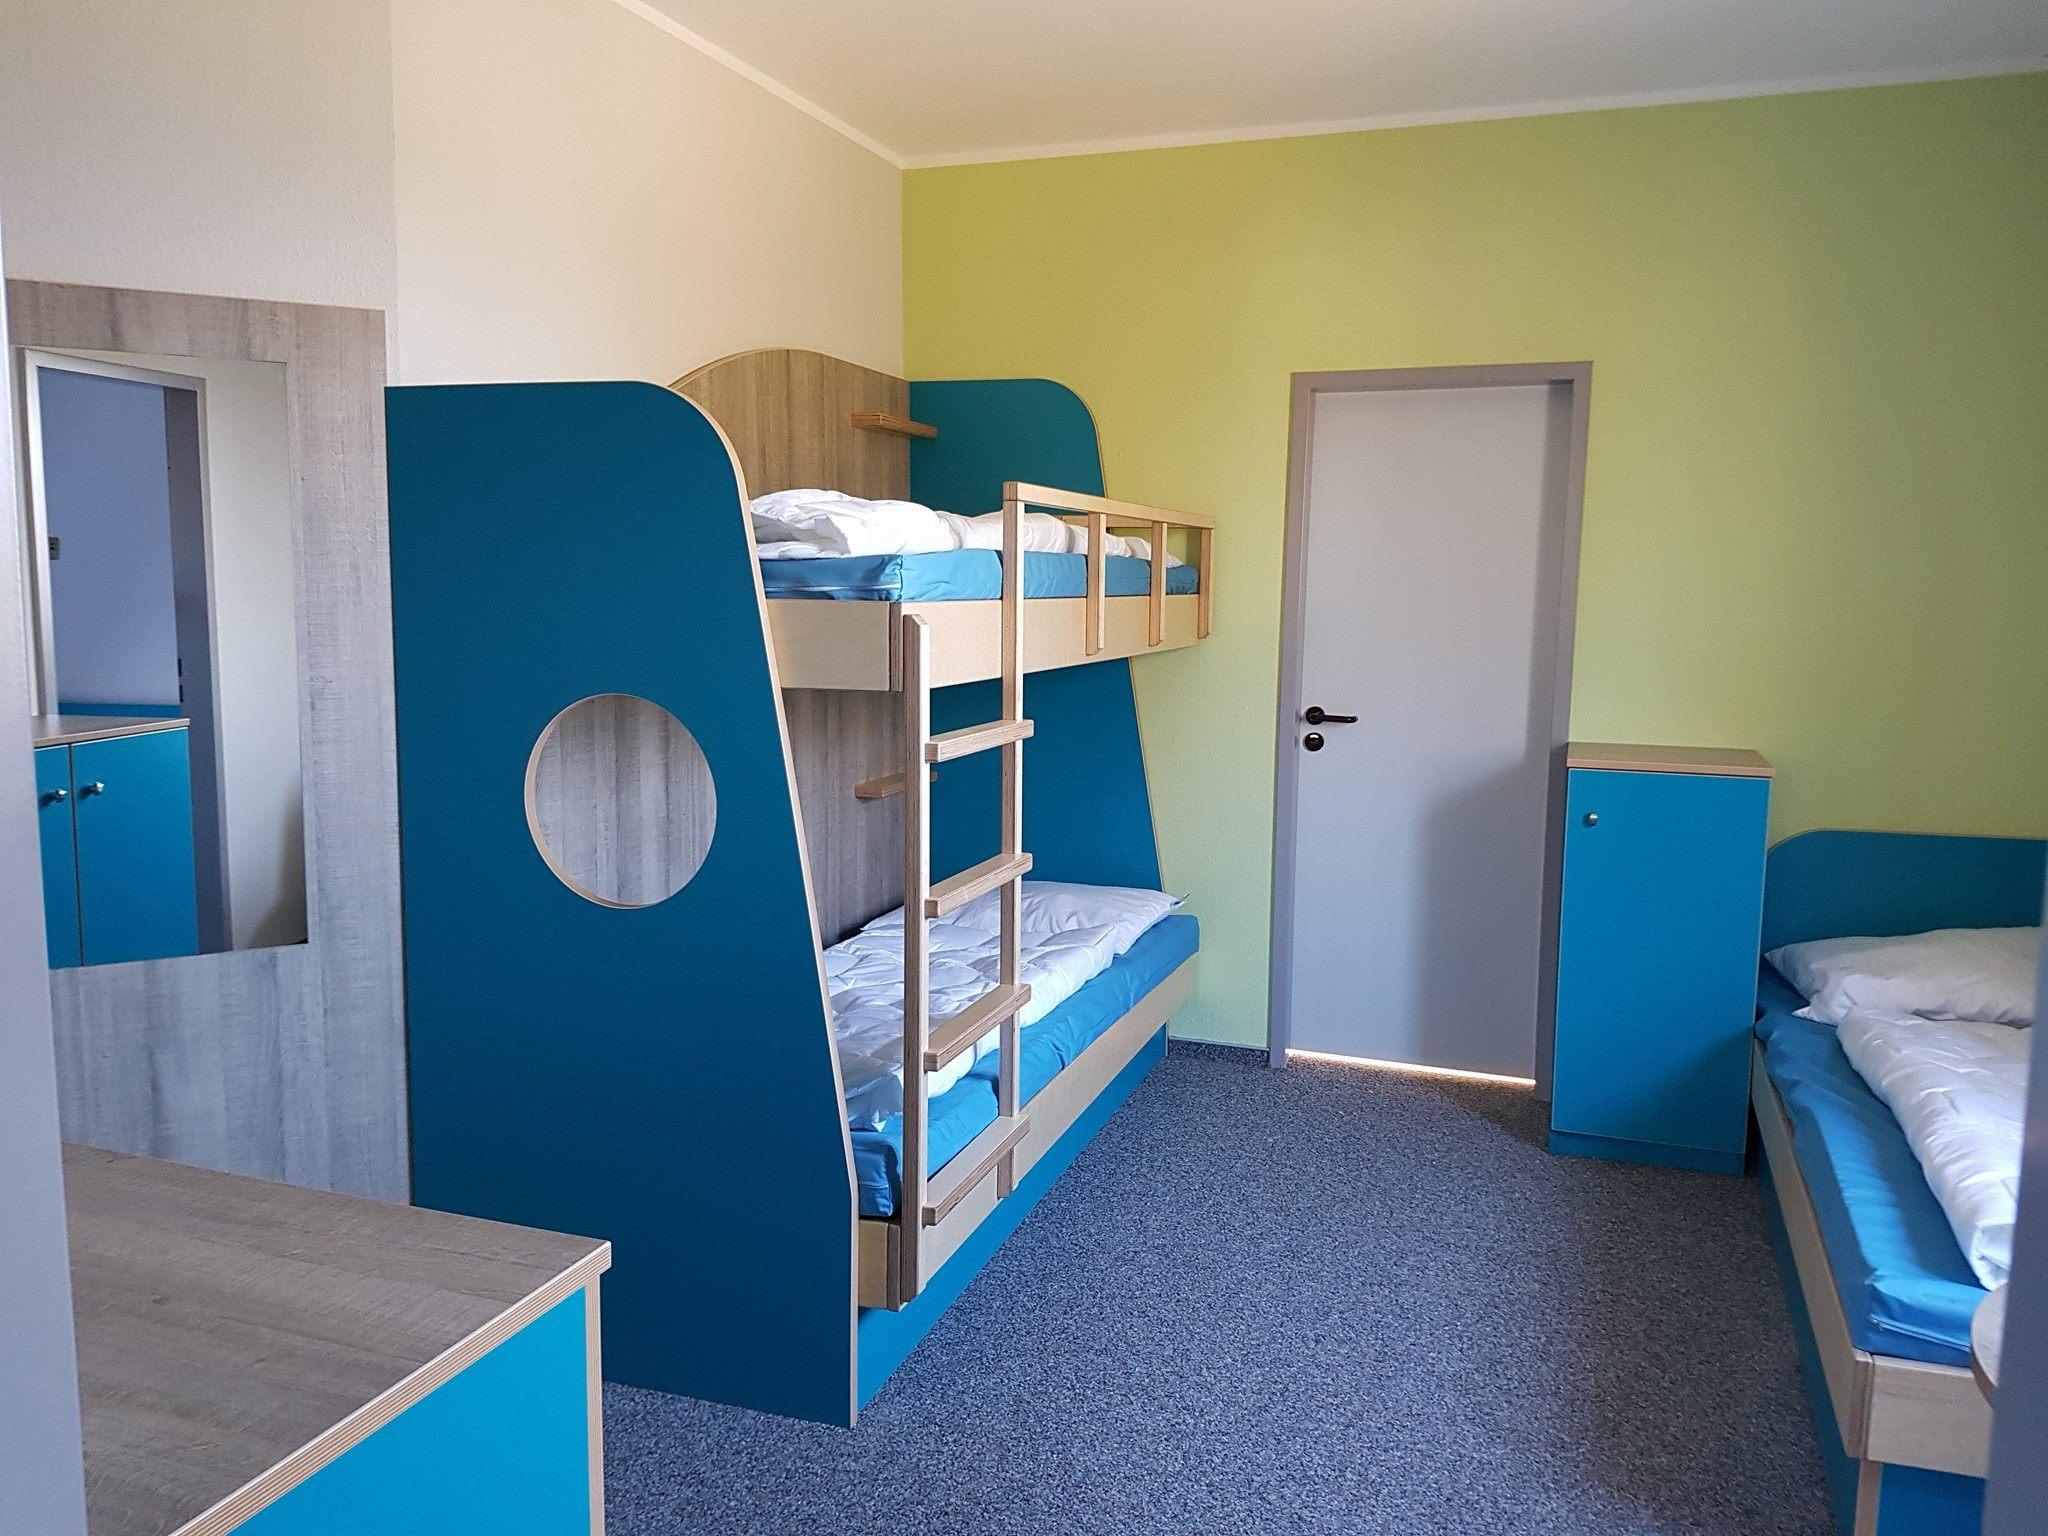 bauprojekte der jugendherbergen zwischen nordsee und sauerland heiter bis st rmisch. Black Bedroom Furniture Sets. Home Design Ideas